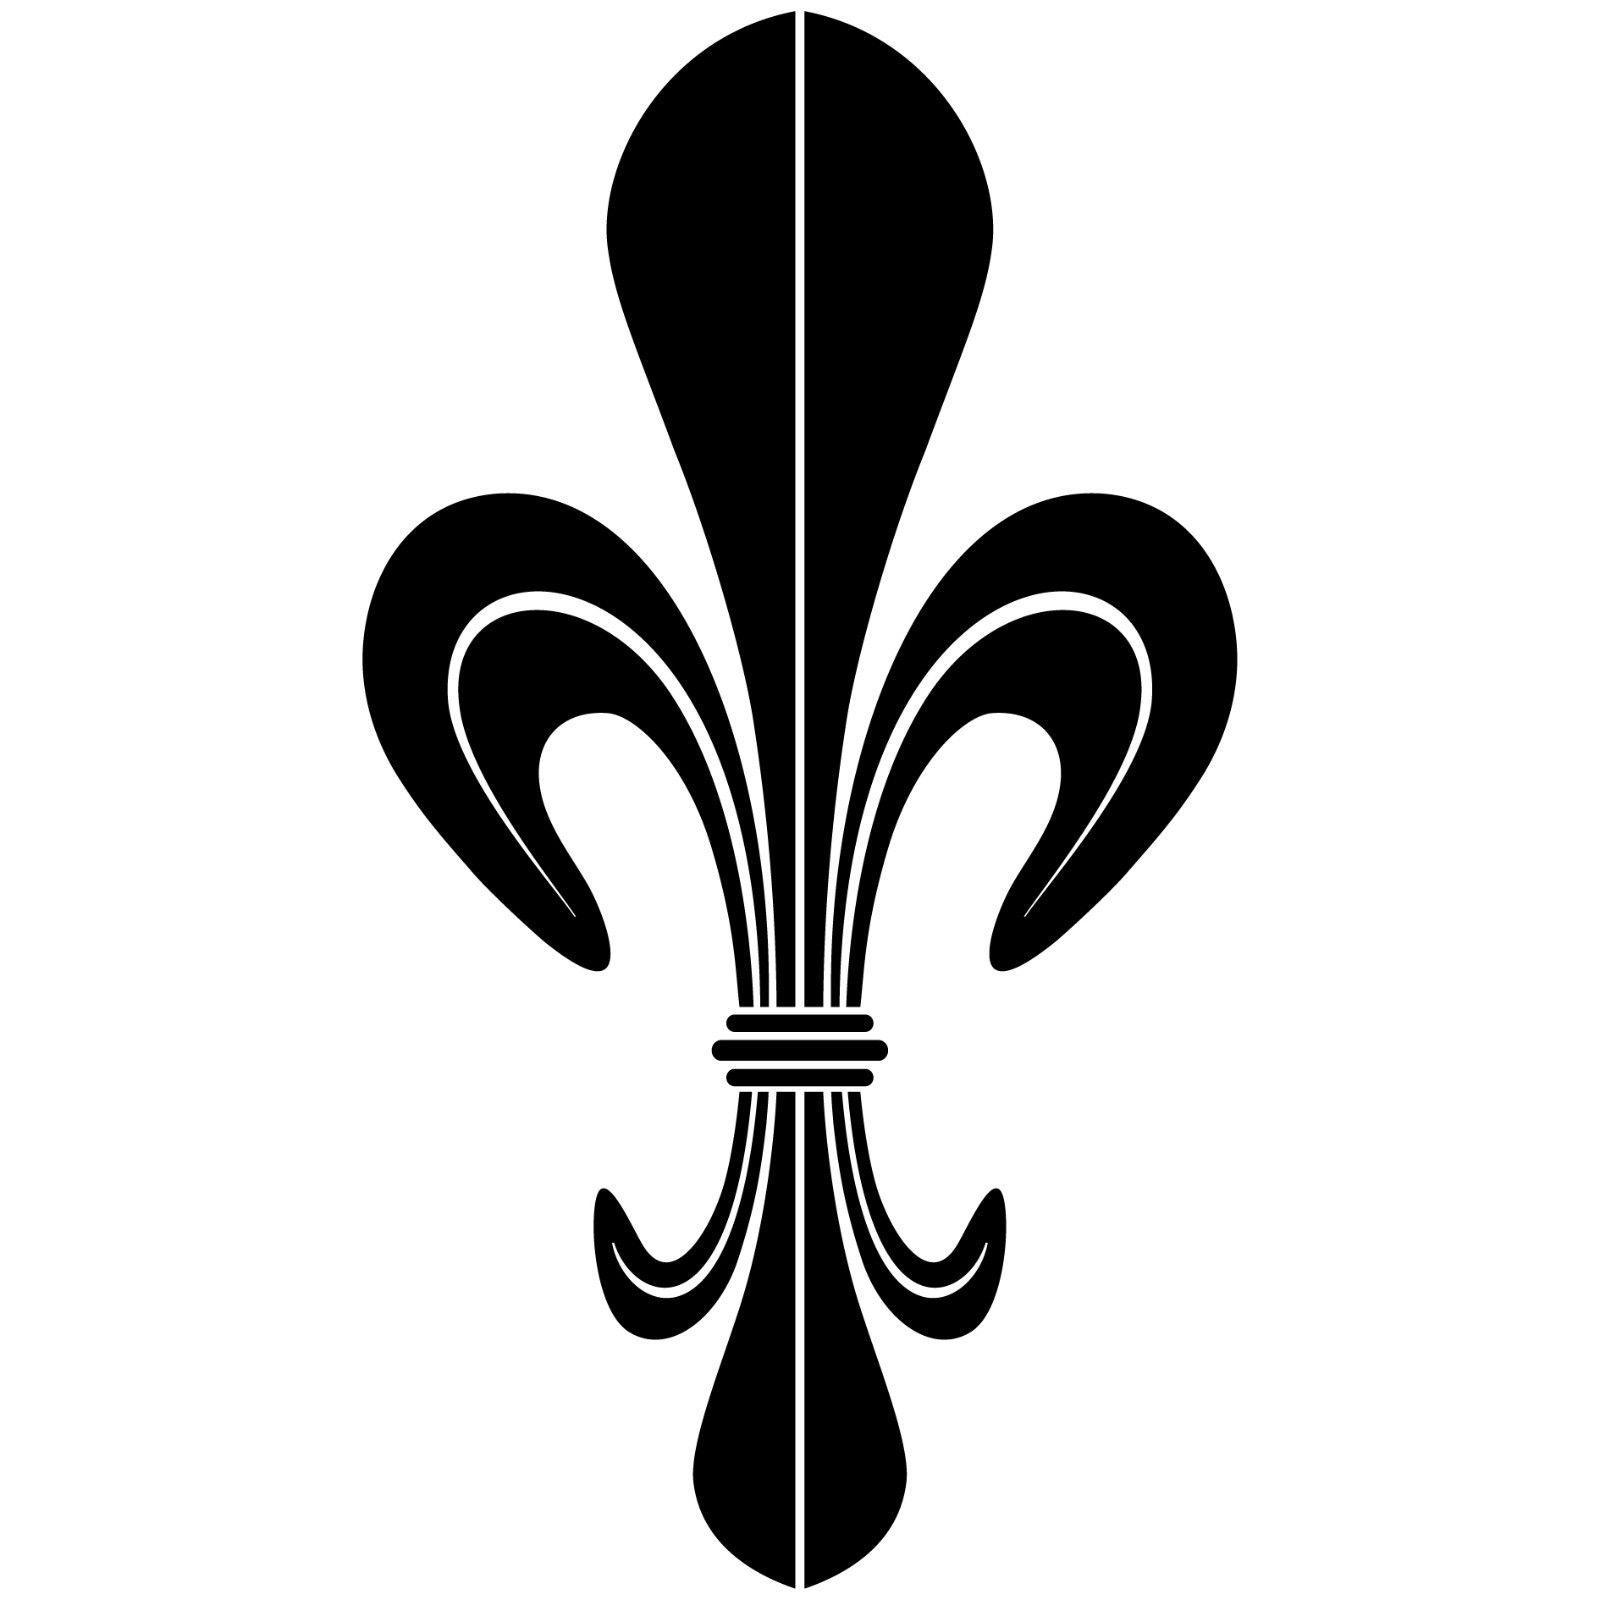 10 aufkleber tattoo 10cm schwarz dm lilie fleur de lis zeichen symbol deko folie kaufen bei. Black Bedroom Furniture Sets. Home Design Ideas